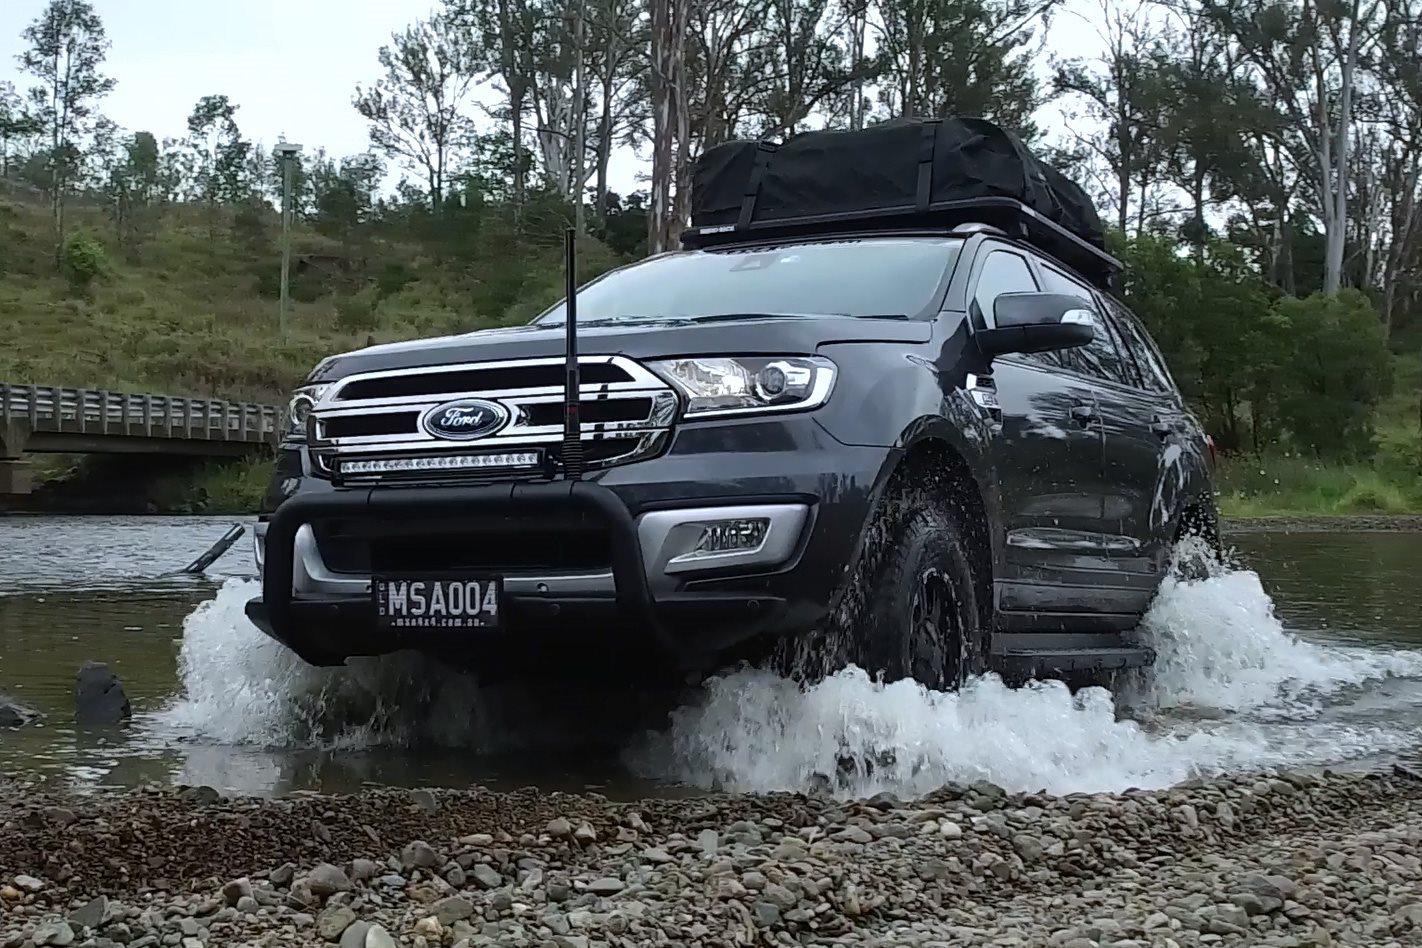 Custom Msa 4x4 Ford Everest Video Review 4x4 Australia